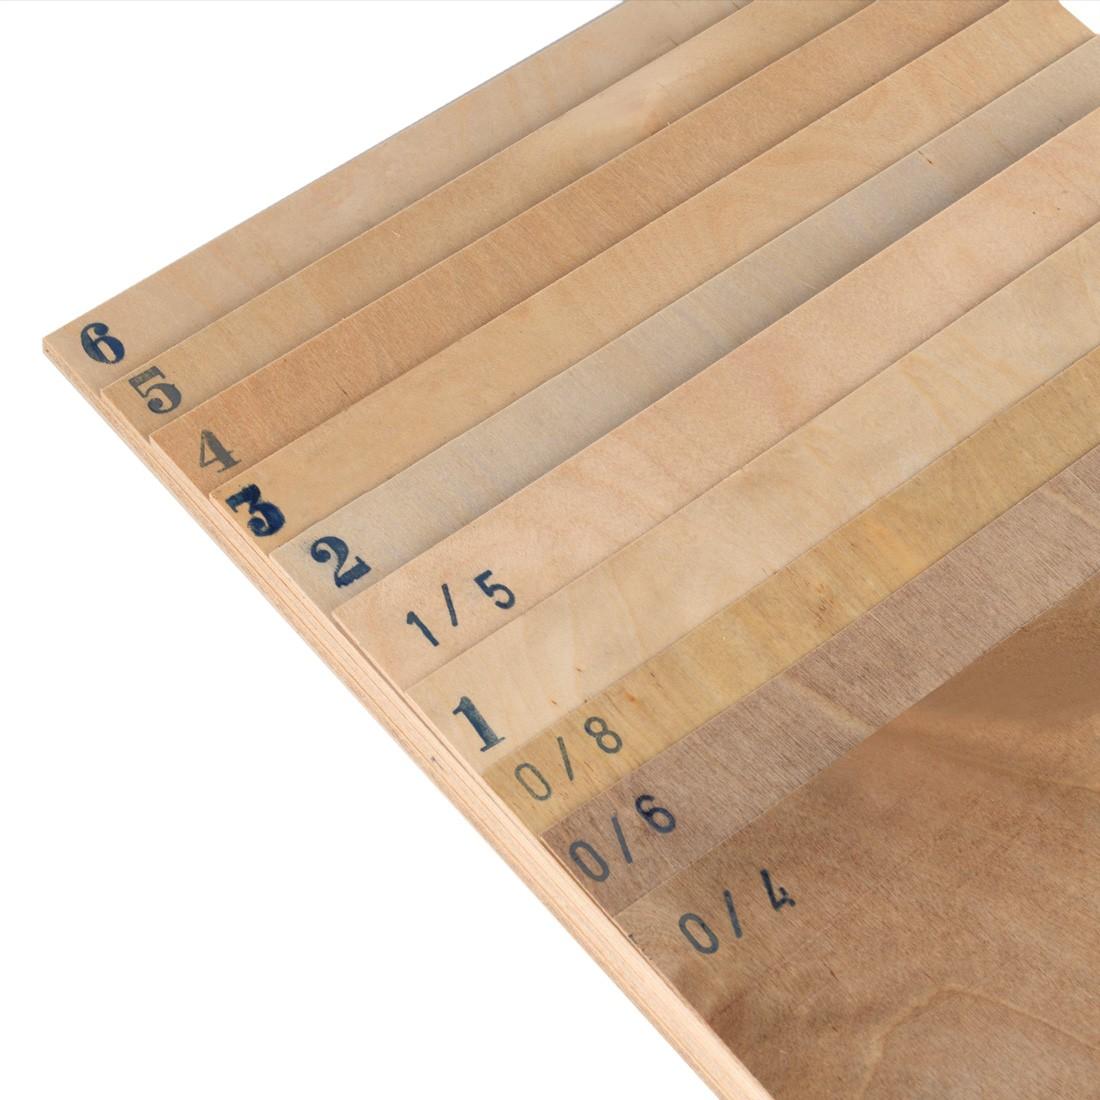 Avio Birch plywood mm.0,6 cm.61x30